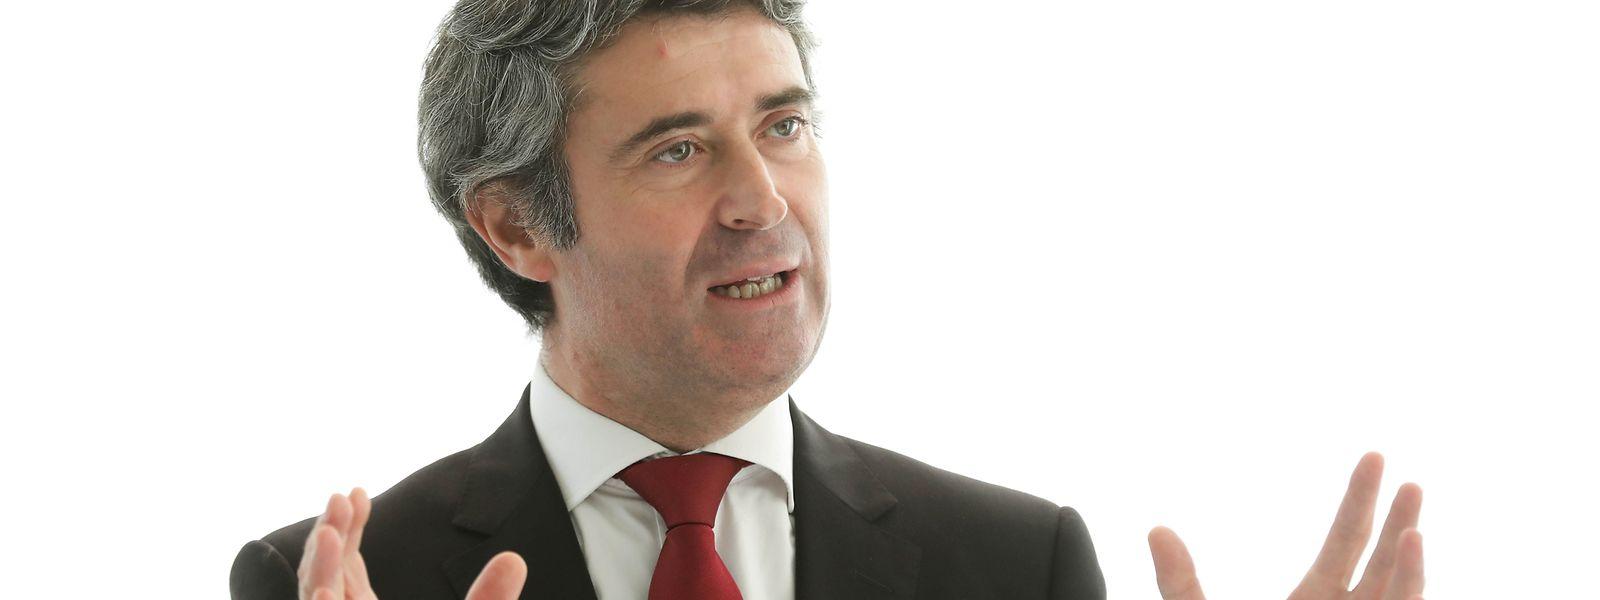 Visite du secrétaire d'État portugais José Luís Carneiro au Luxembourg, le 30 Septembre 2018. Photo: Chris Karaba